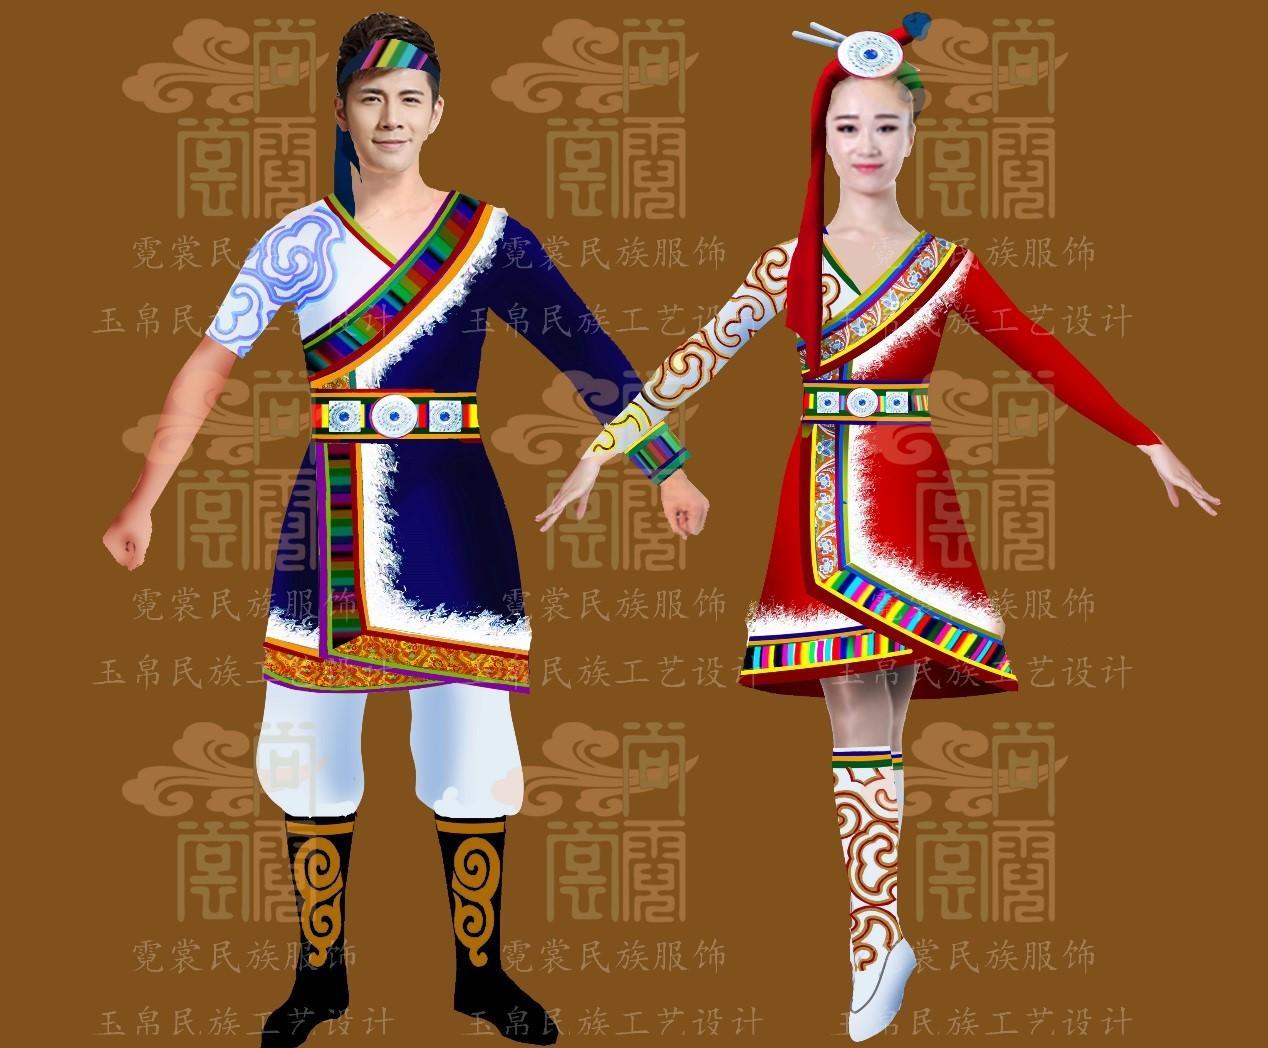 中美篮球对抗赛藏族健美操表演服装设计稿